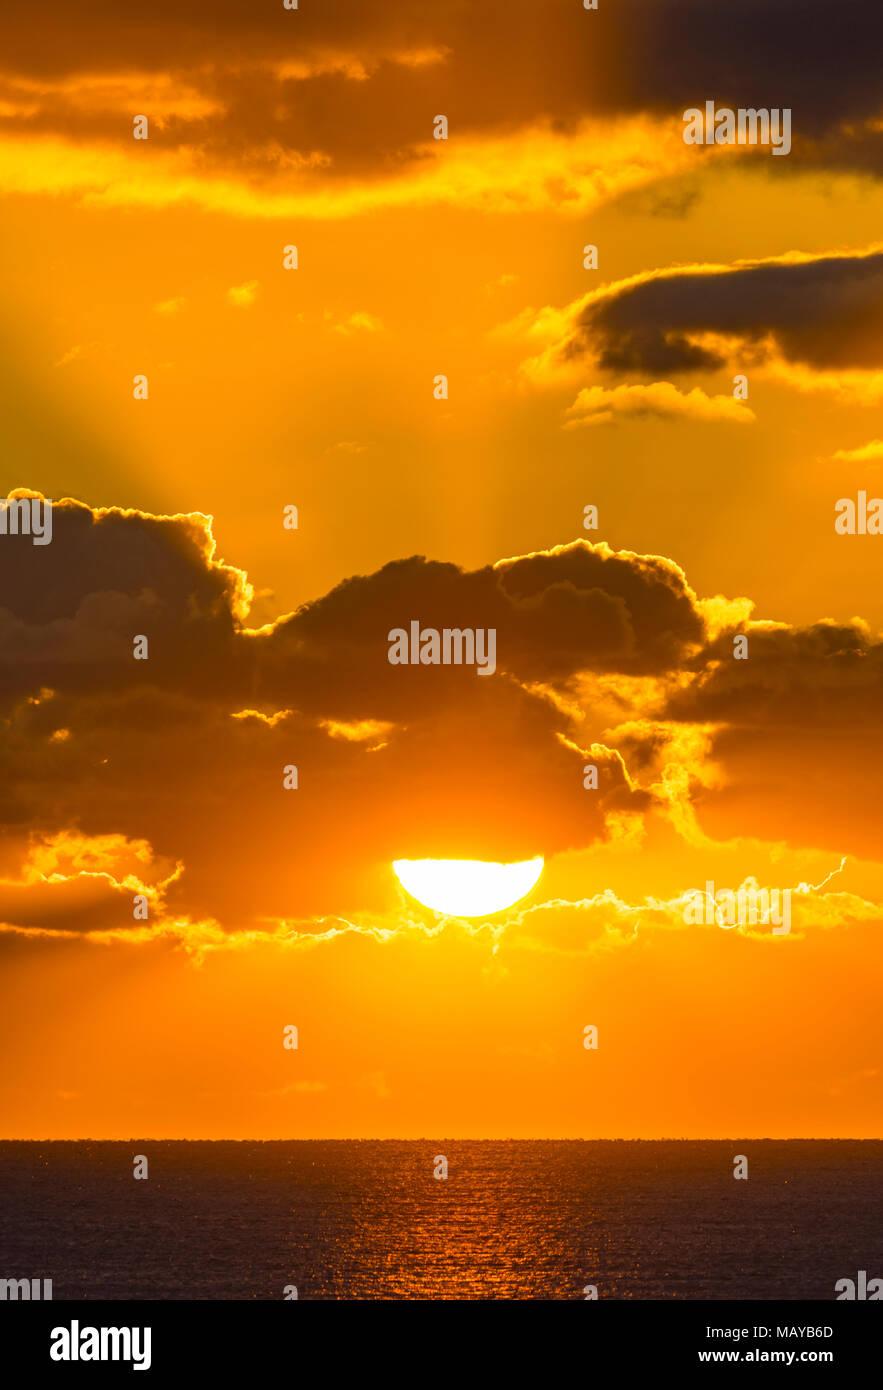 Sonnenuntergang über dem Meer mit Strahlen von der Sonne durch die Wolken wie die Wolke deckt teilweise die niedrige Sonne. Stockbild